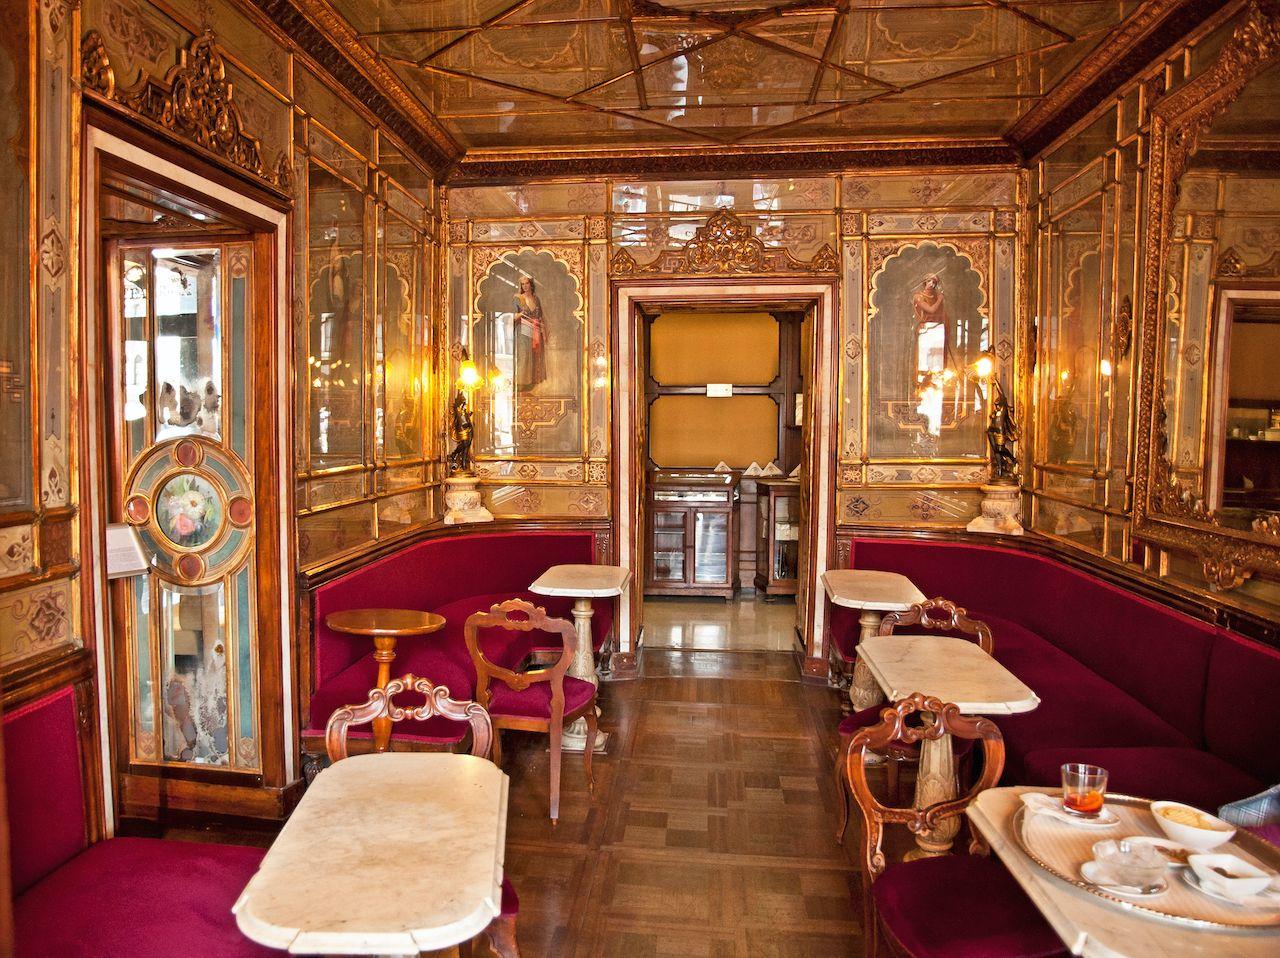 Caffe Florian in Venice